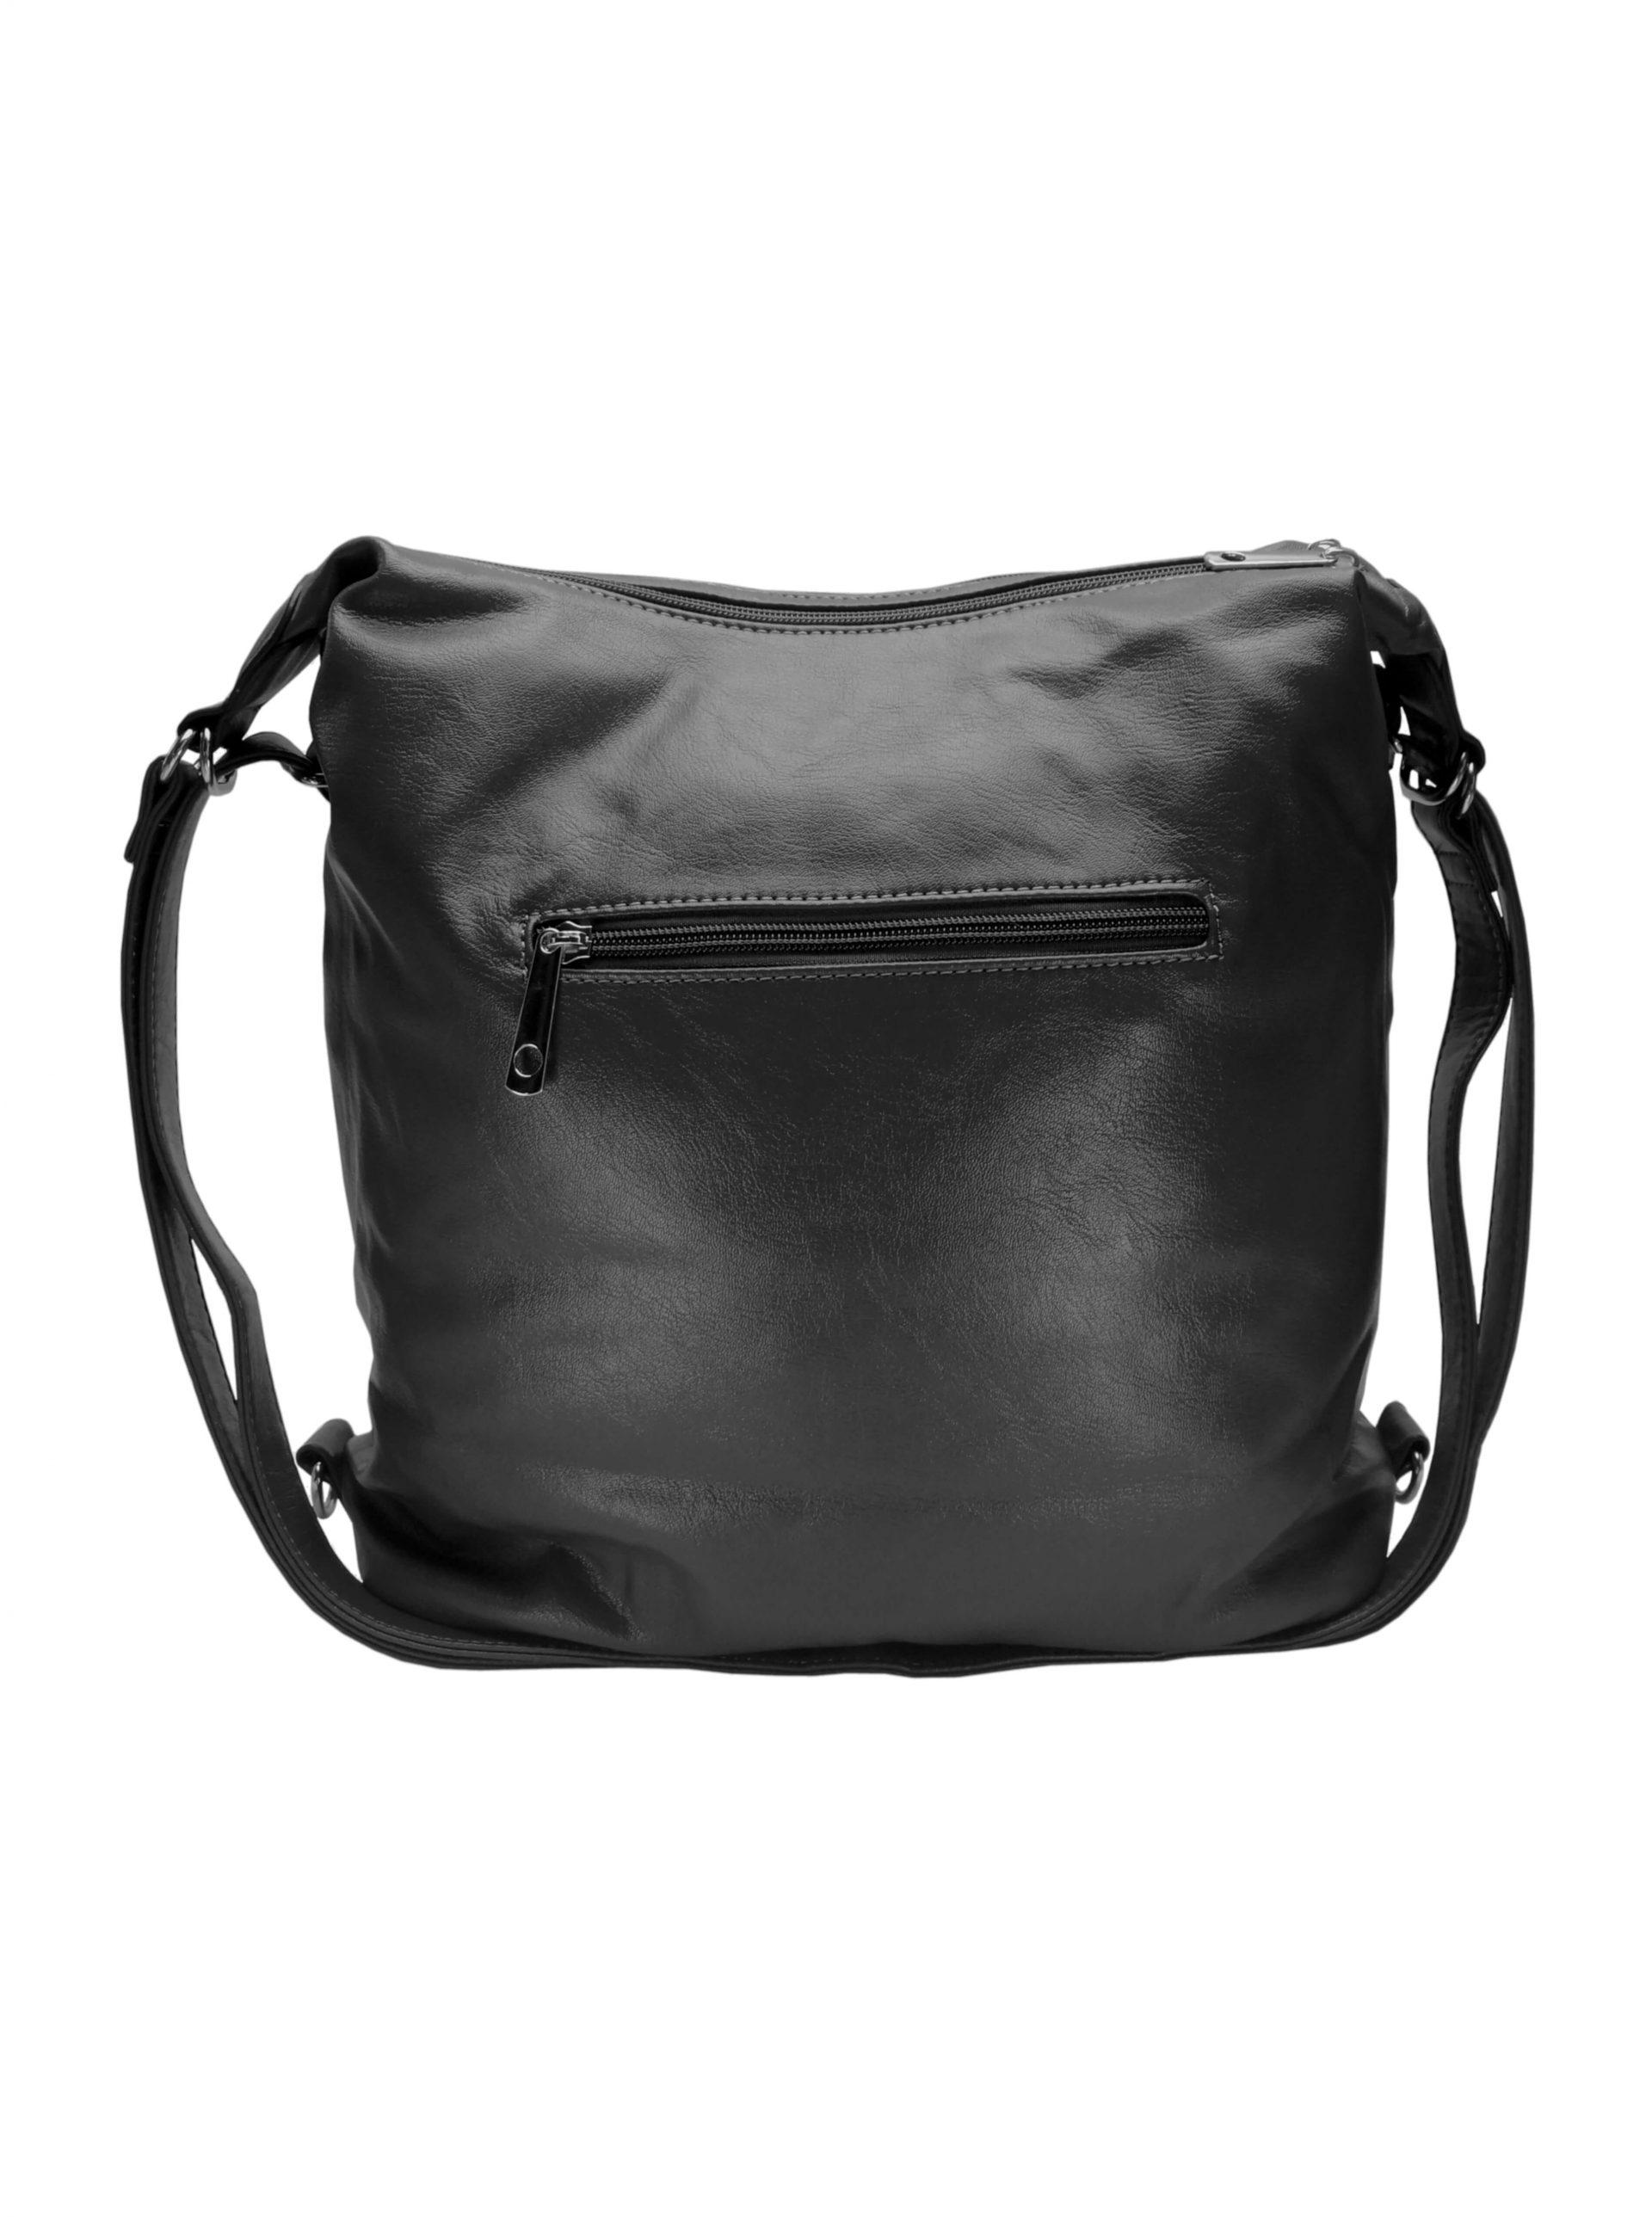 Praktický dámský kabelko-batoh s kapsami Tapple H181177 tmavě šedý zadní strana